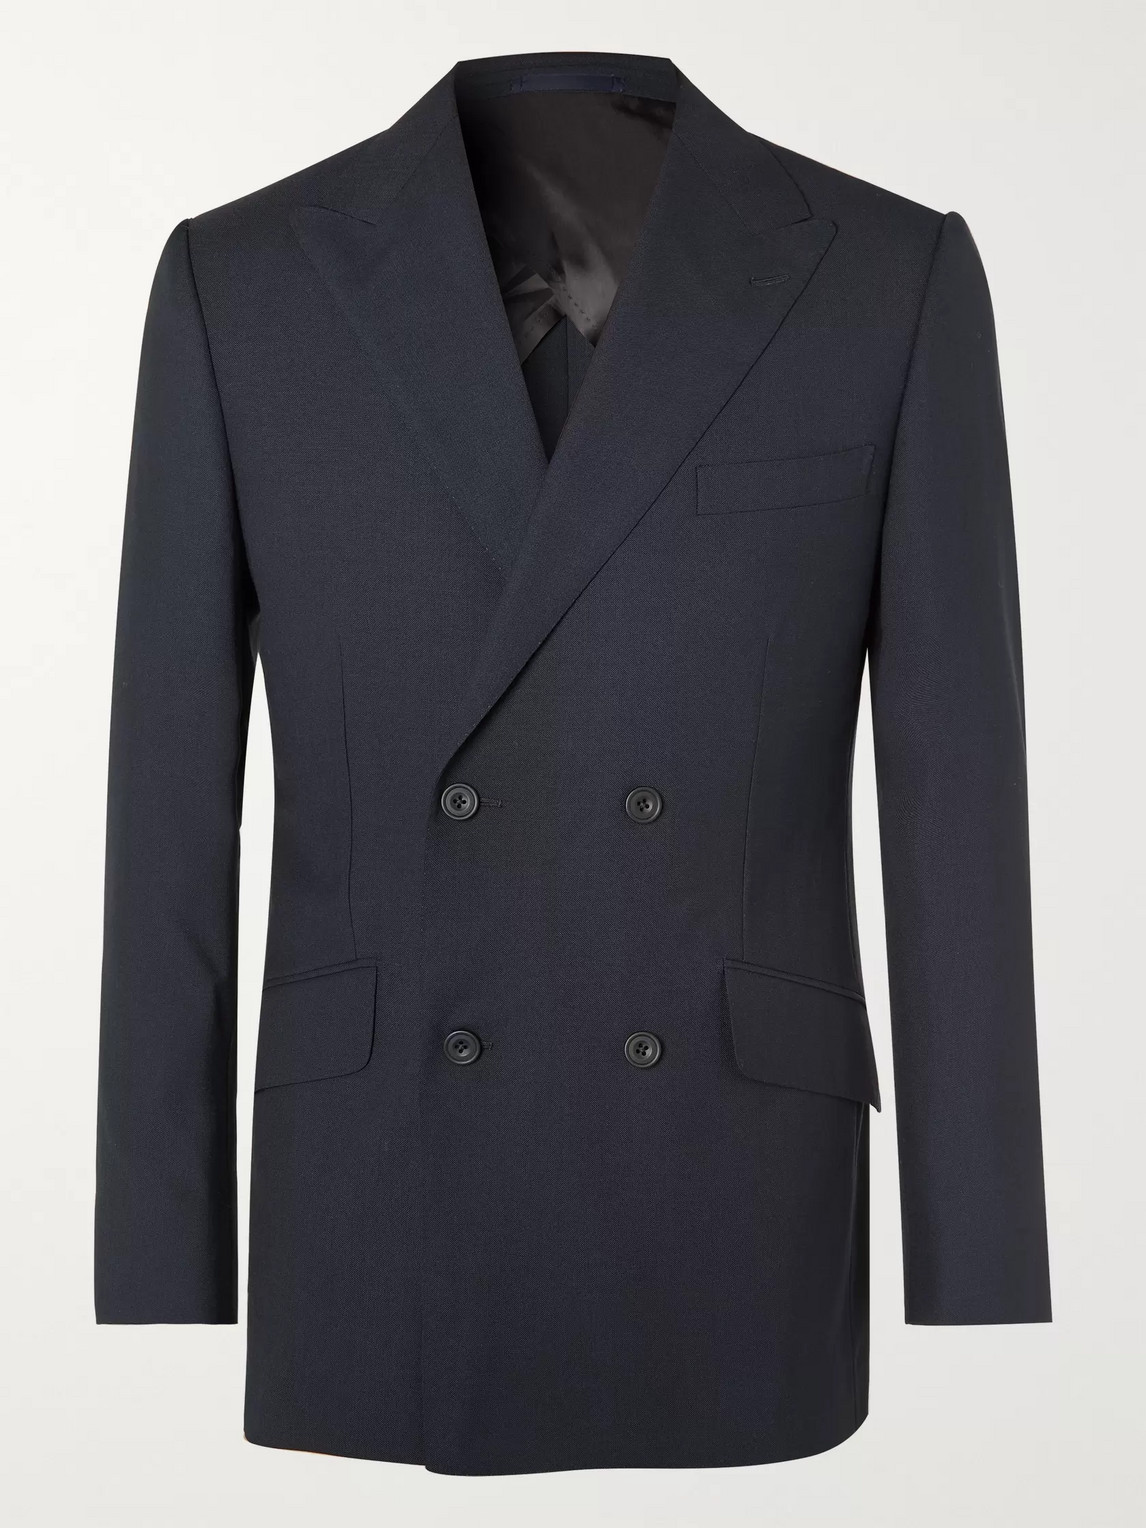 Kingsman Arthur Harrison Double-breasted Wool Suit Jacket In Blue